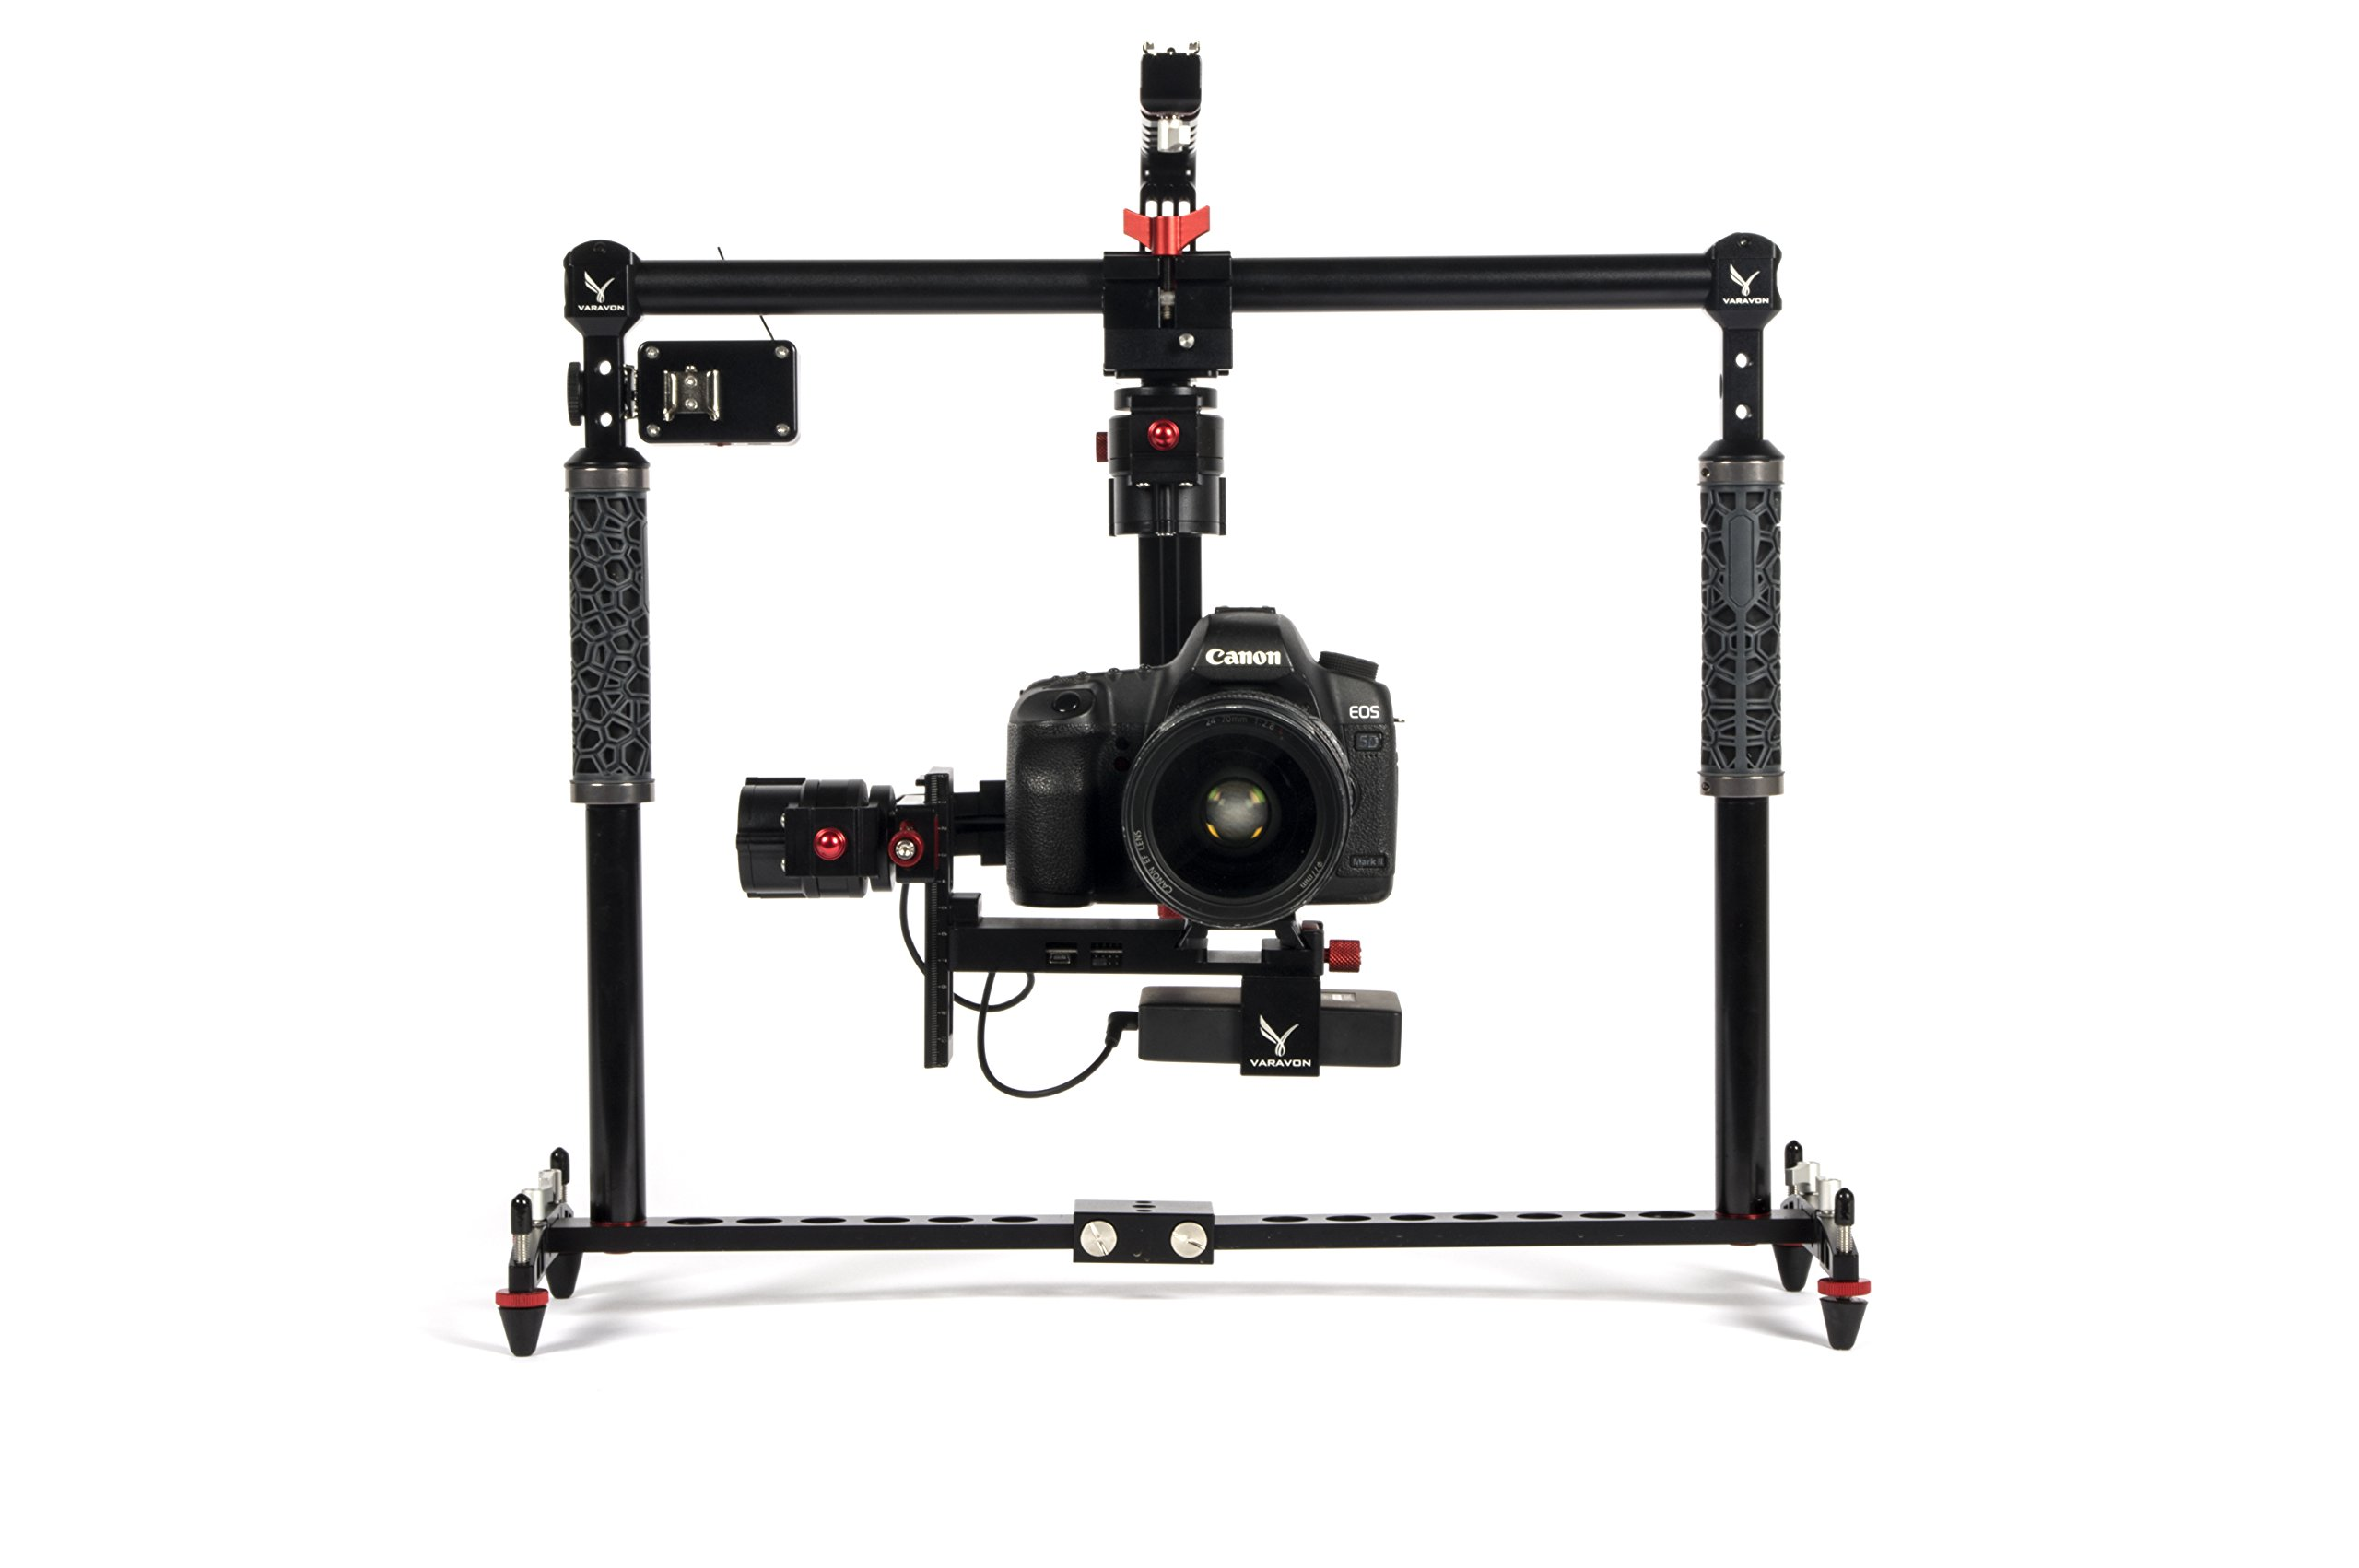 VARAVON 3AXIS STABILIZER BIRDYCAM LITE + Bestview BSY502-HD 5'' HD Camera Field Monitor by Varavon